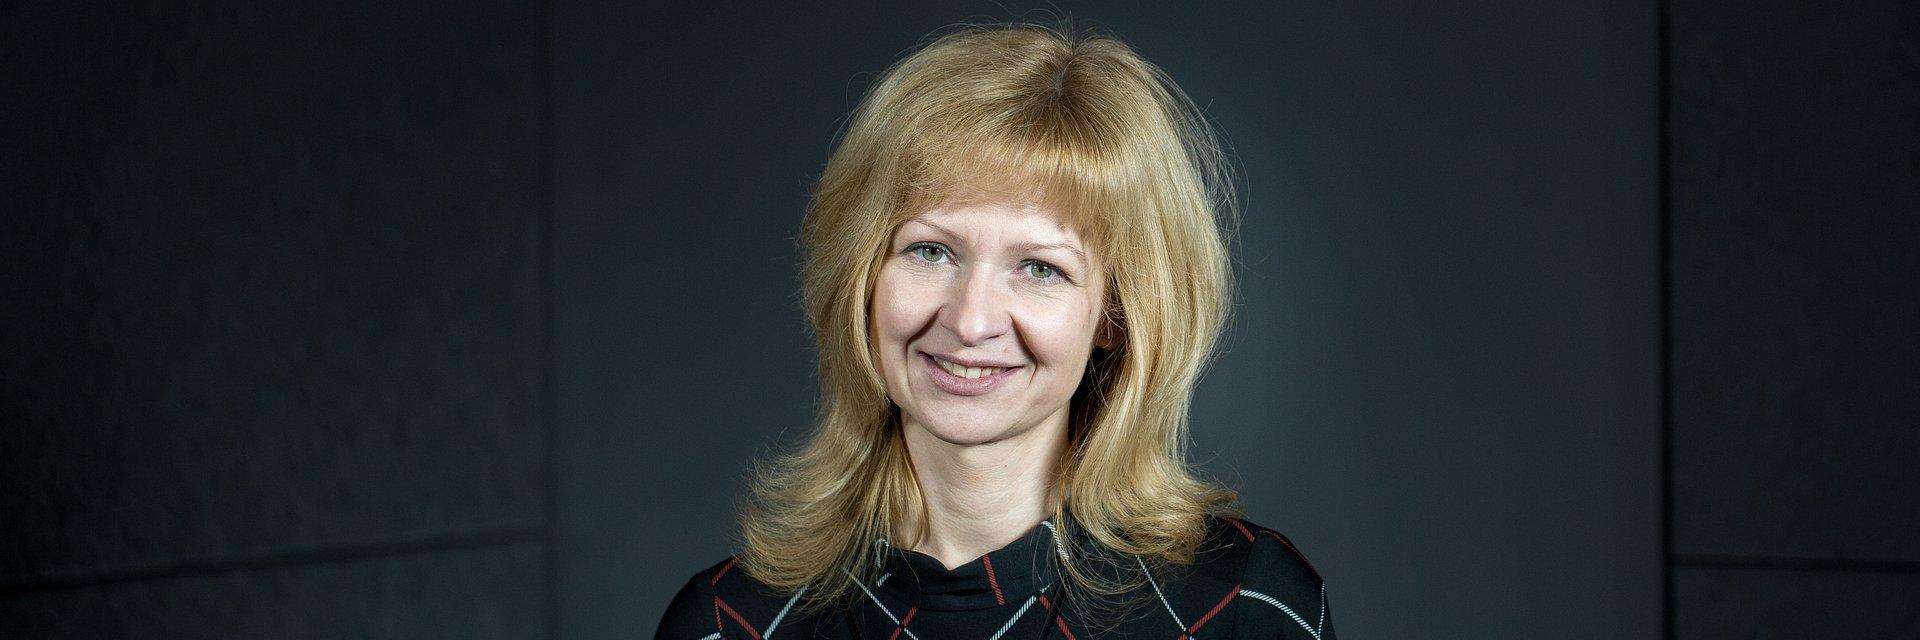 Dr Dominika Kaczorowska-Spychalska - technologie cyfrowe